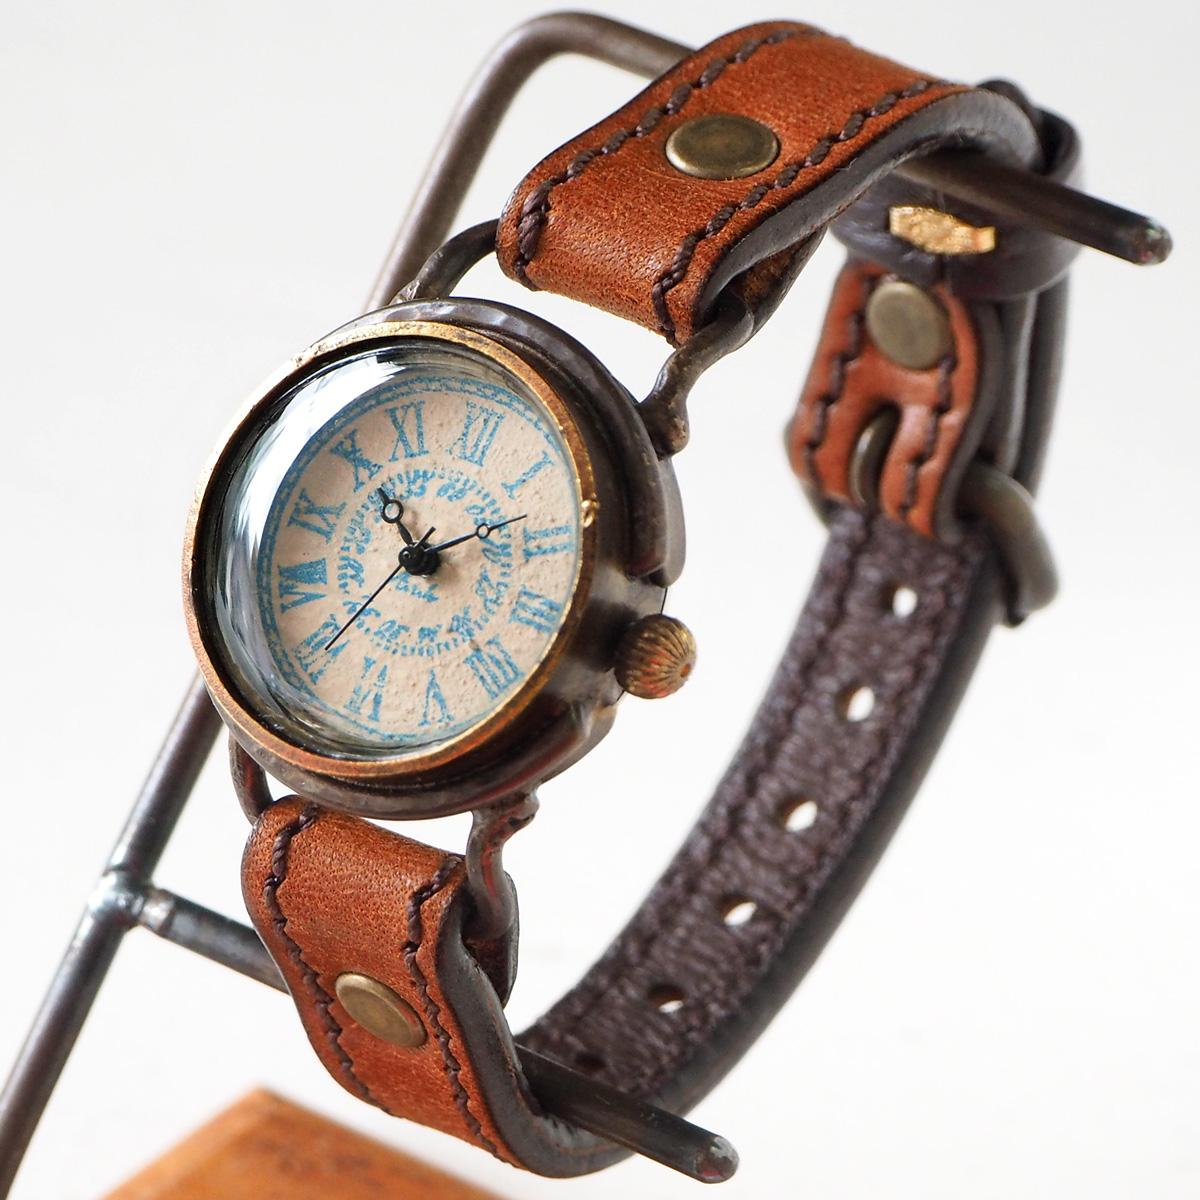 """ARKRAFT(アークラフト) 時計作家・新木秀和 手作り腕時計 """"Marvin Small"""" ローマ数字 プレミアムストラップ [AR-C-011-RO]"""